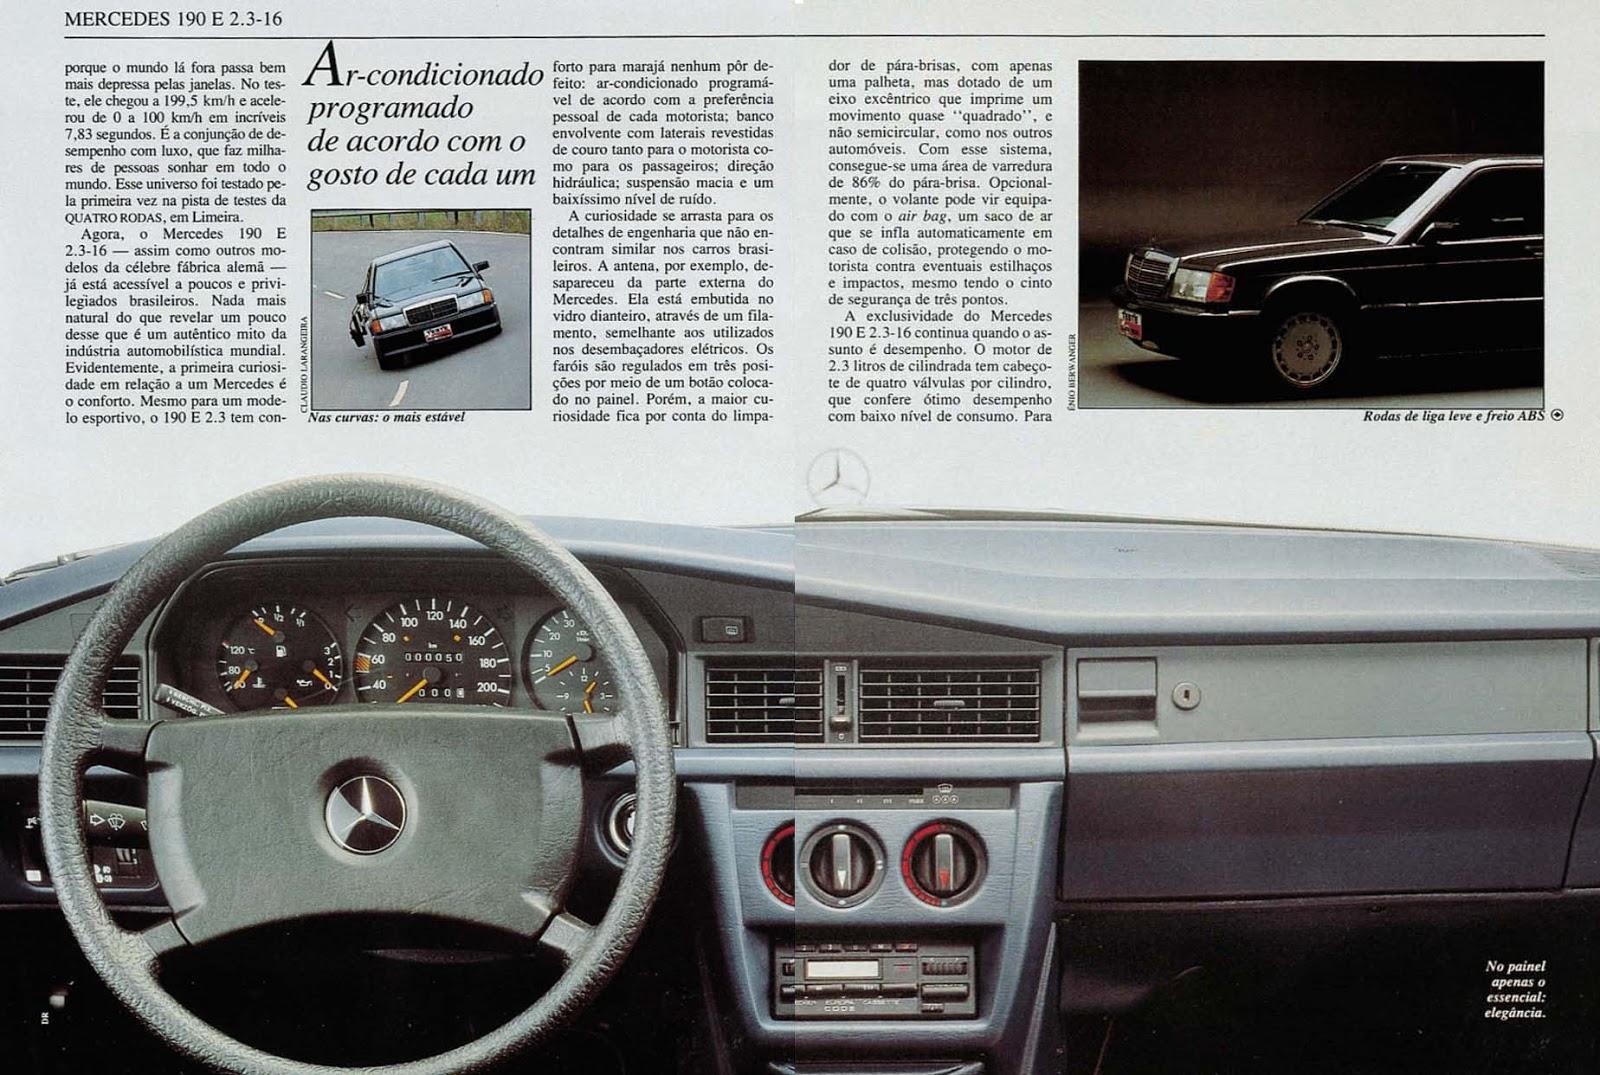 (W201): Avaliação Revista Quatro Rodas - outubro de 1990 - 190E 2.3 363%252C051%252C31%252C10%252CTE